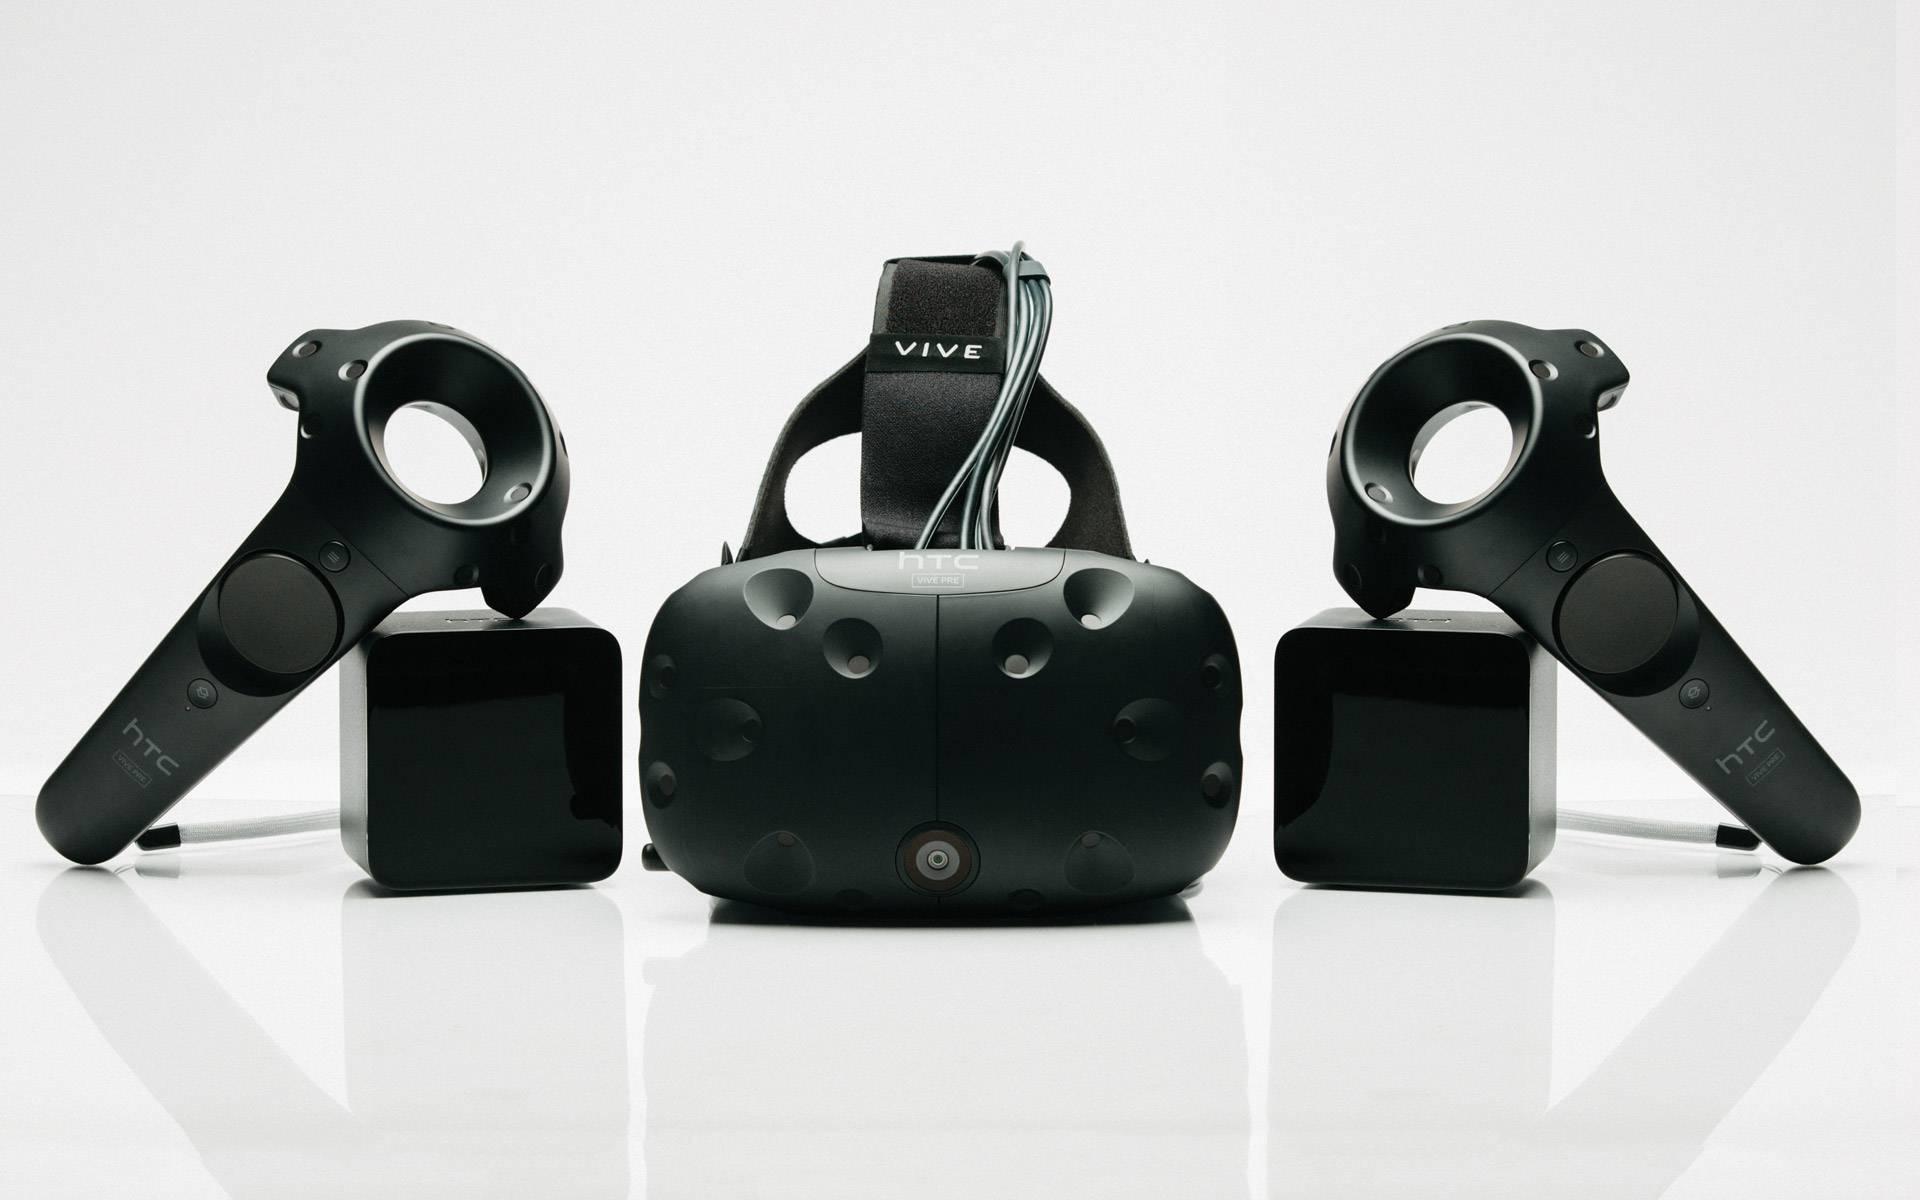 Čekali ga skoro godinu dana: HTC Vive odsad i u Hrvatskoj